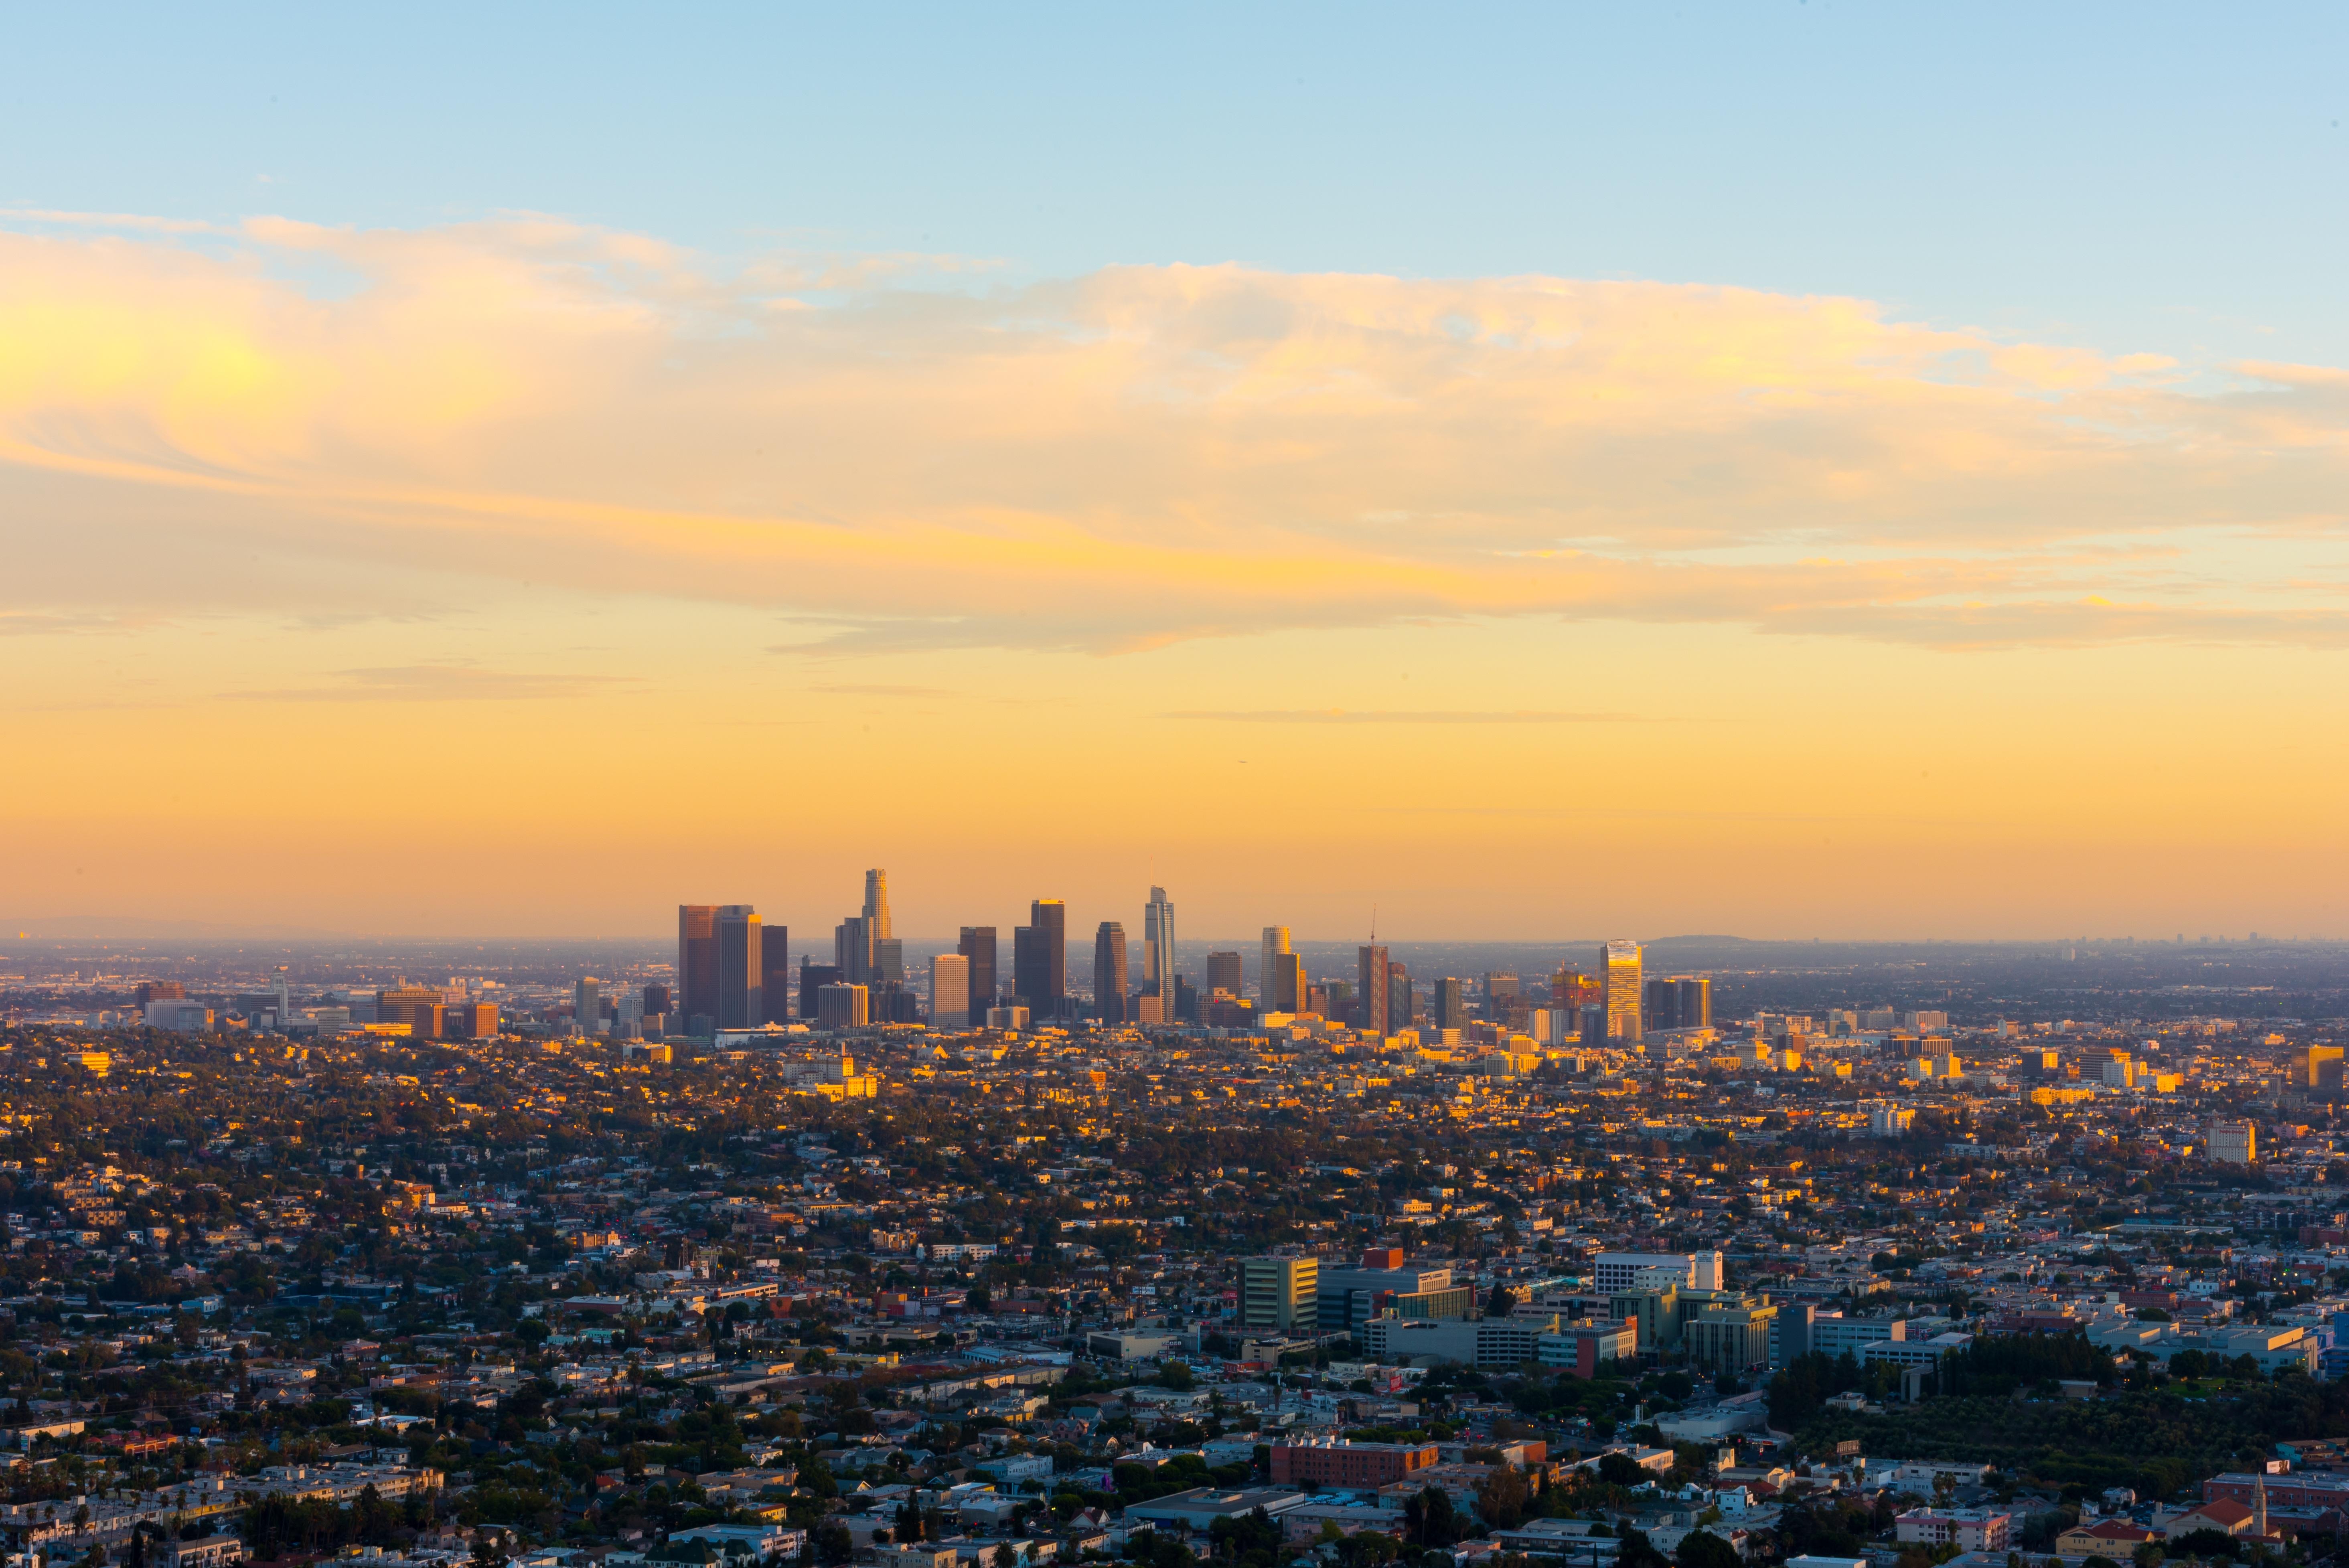 加利福尼亚州—洛杉矶 Chapter 2 海陆恣意